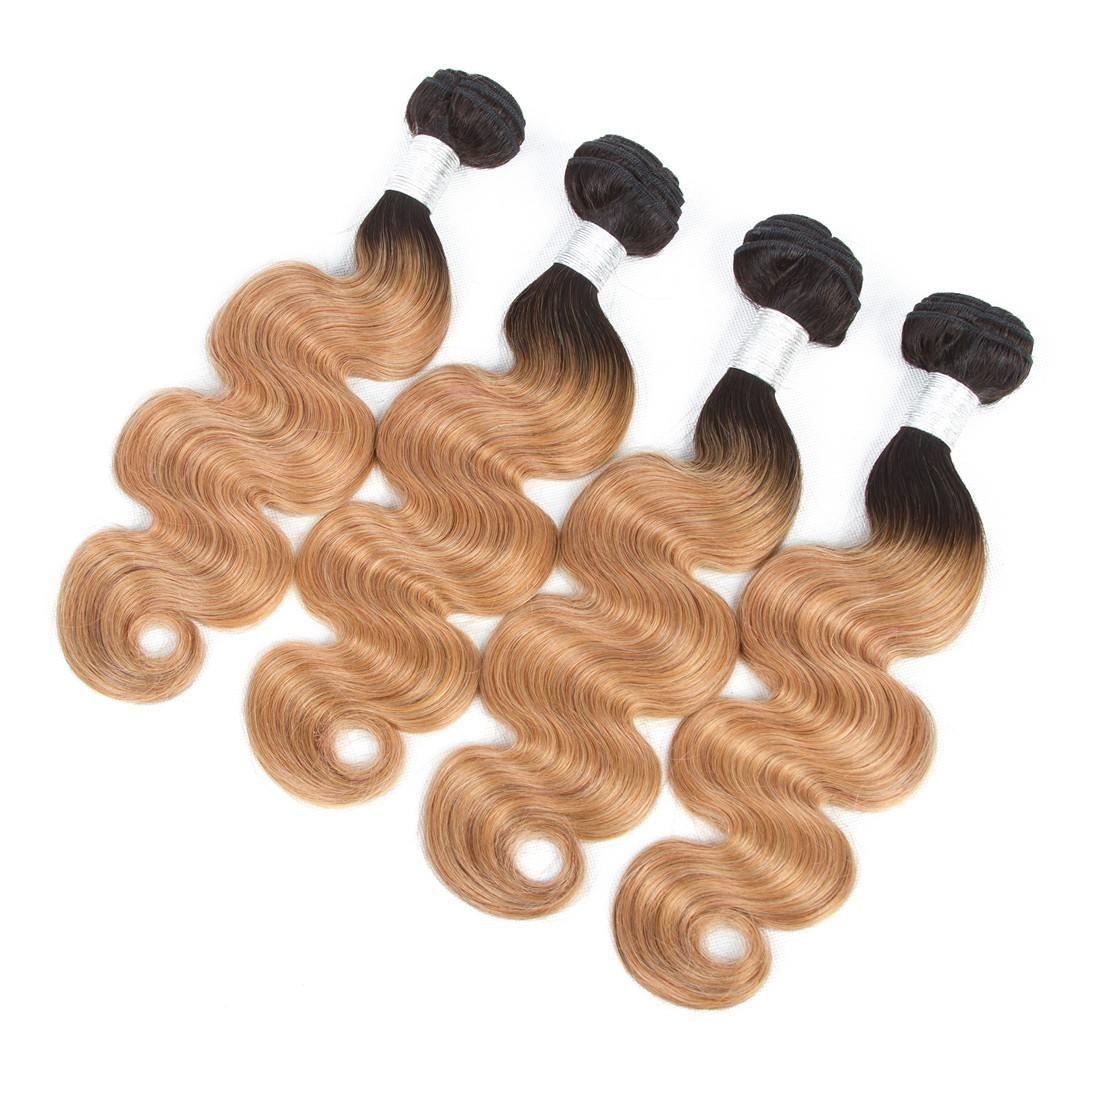 2 Tone Ombre cuerpo peruana pelo de la onda de la armadura de Bundles 1B / 27 Remy del pelo humano Extensiones para no 3 o 4 lotes de extensiones del cabello humano teje Ombre